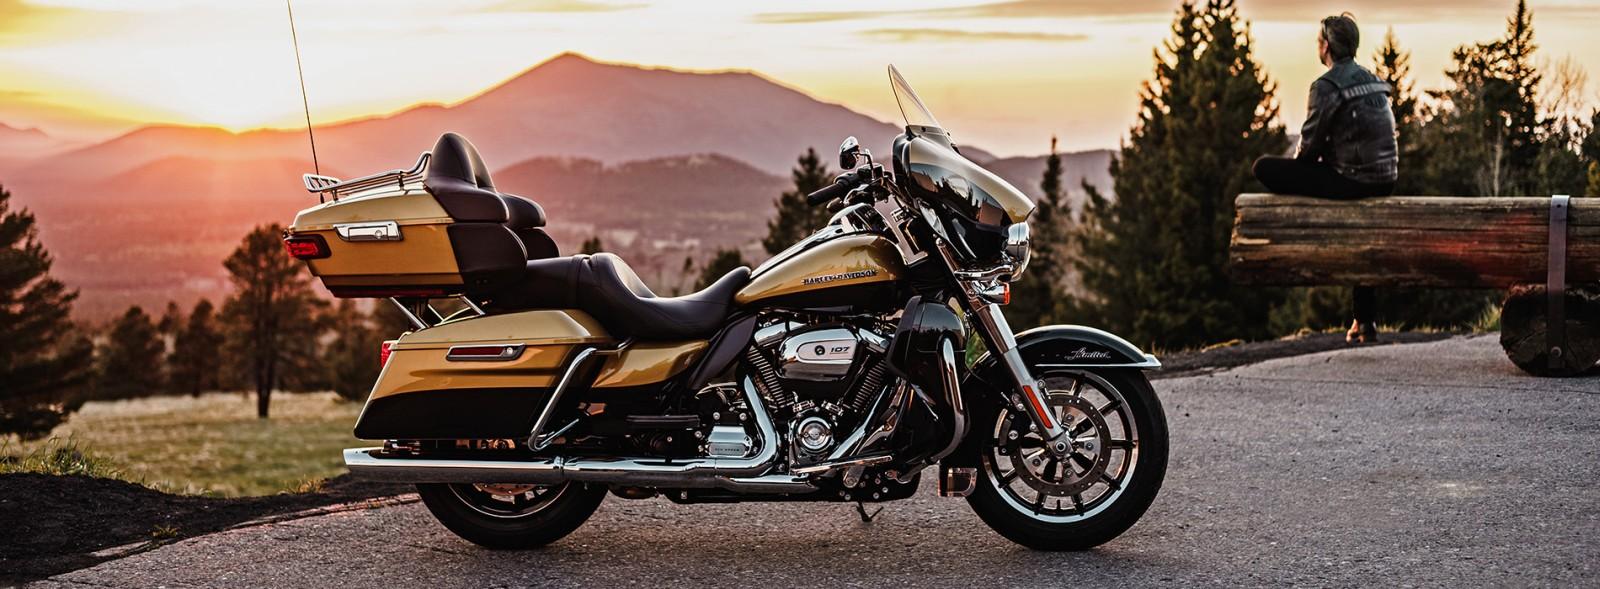 2017- Harley Davidson -Touring (1)